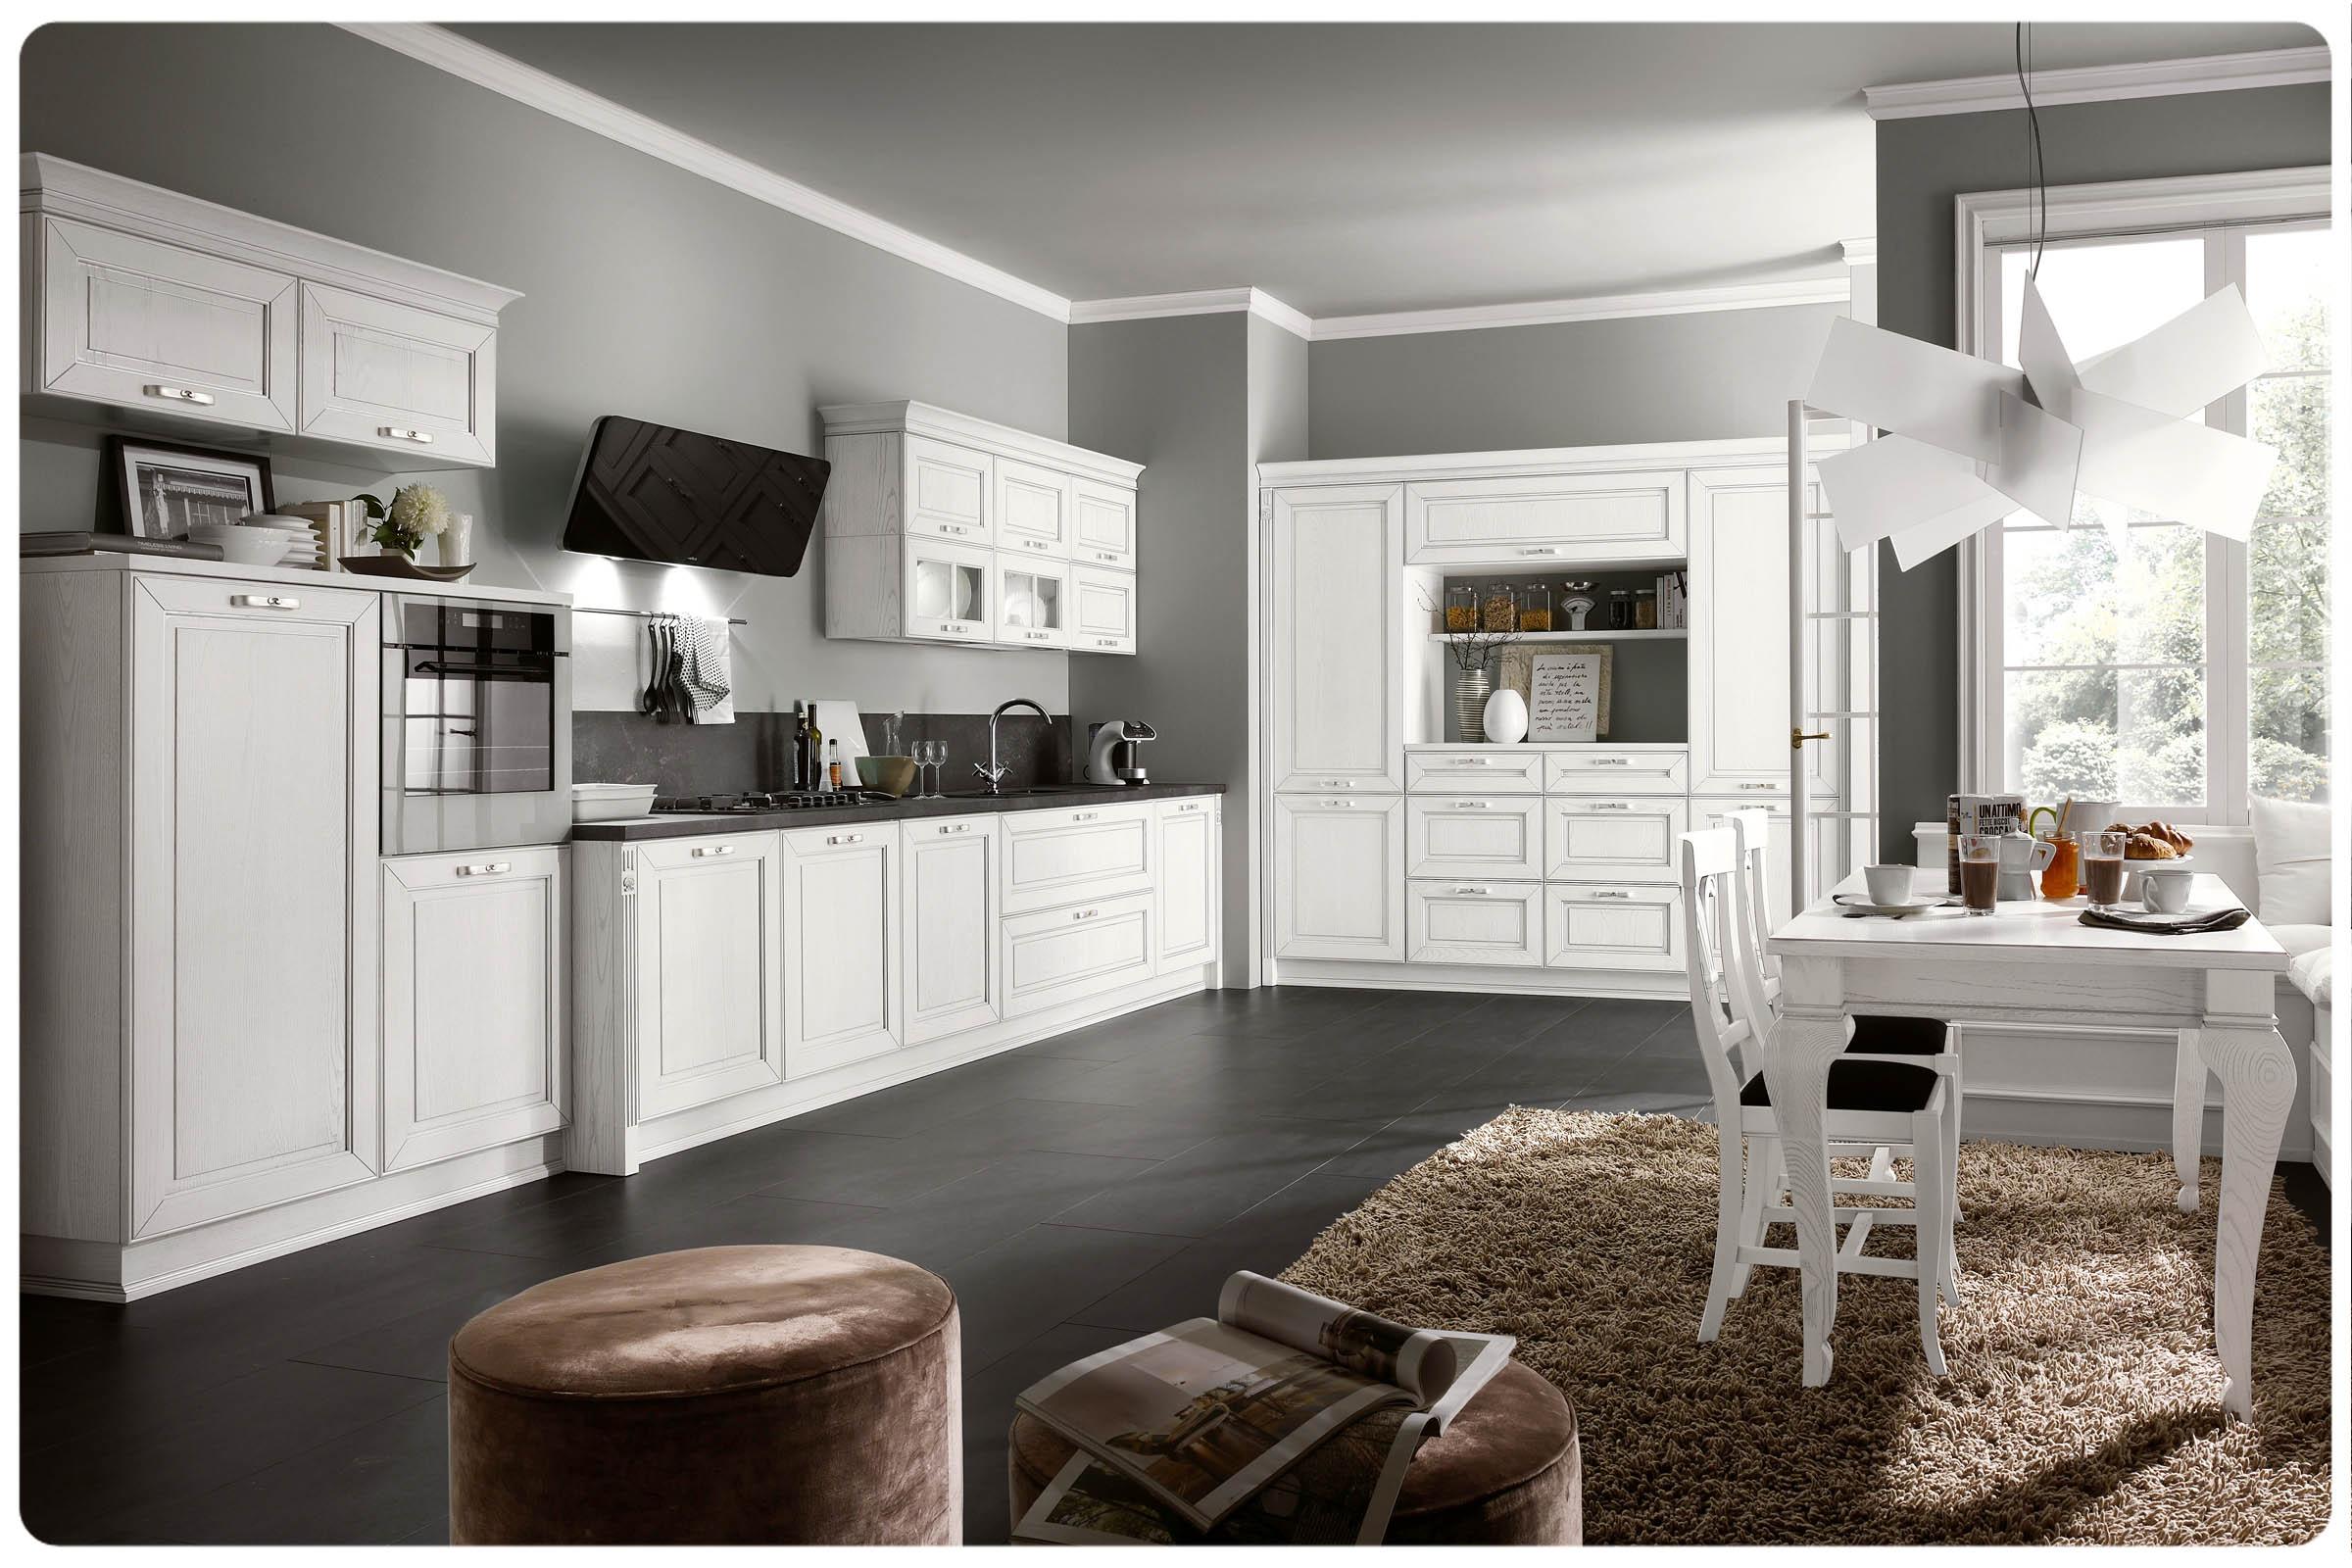 Cucine classiche moderne foto finest scavolini cucina madeleine with cucine classiche moderne - Foto cucine moderne ...